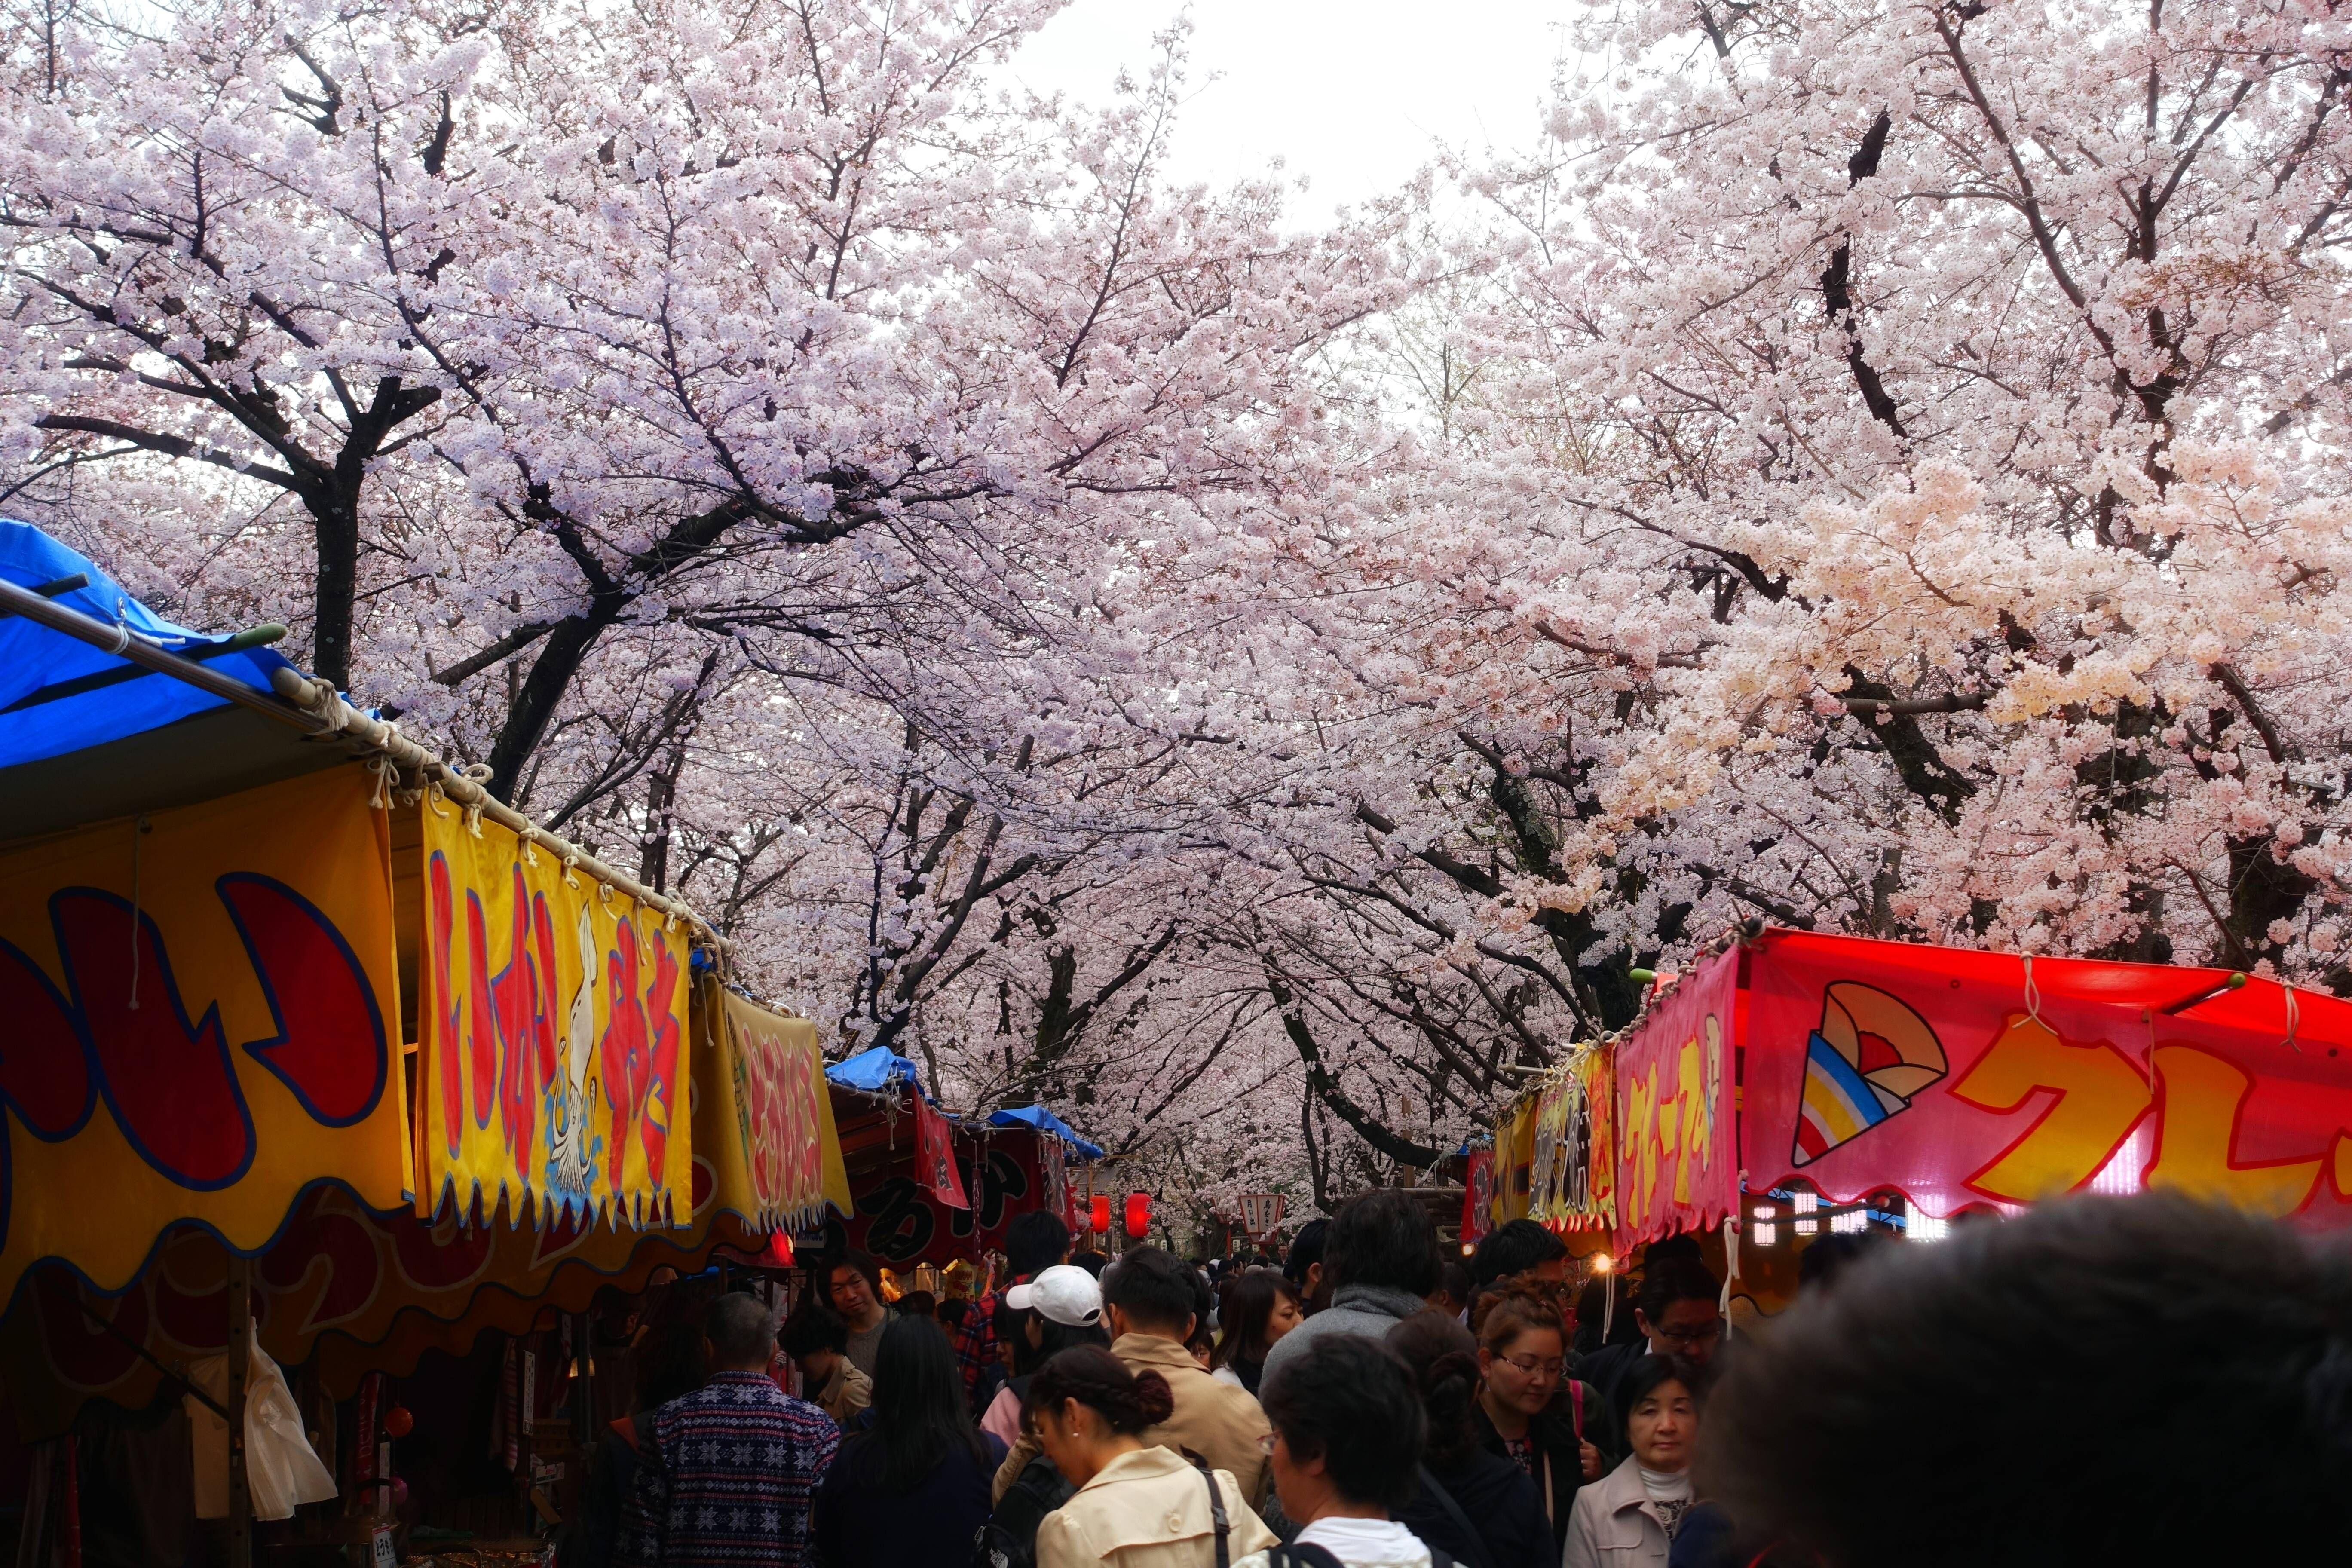 Heian Shrine Cherry Blossoms Kyoto Oc 5472x3648 R Japanpics Cherry Blossom Kyoto Shrine